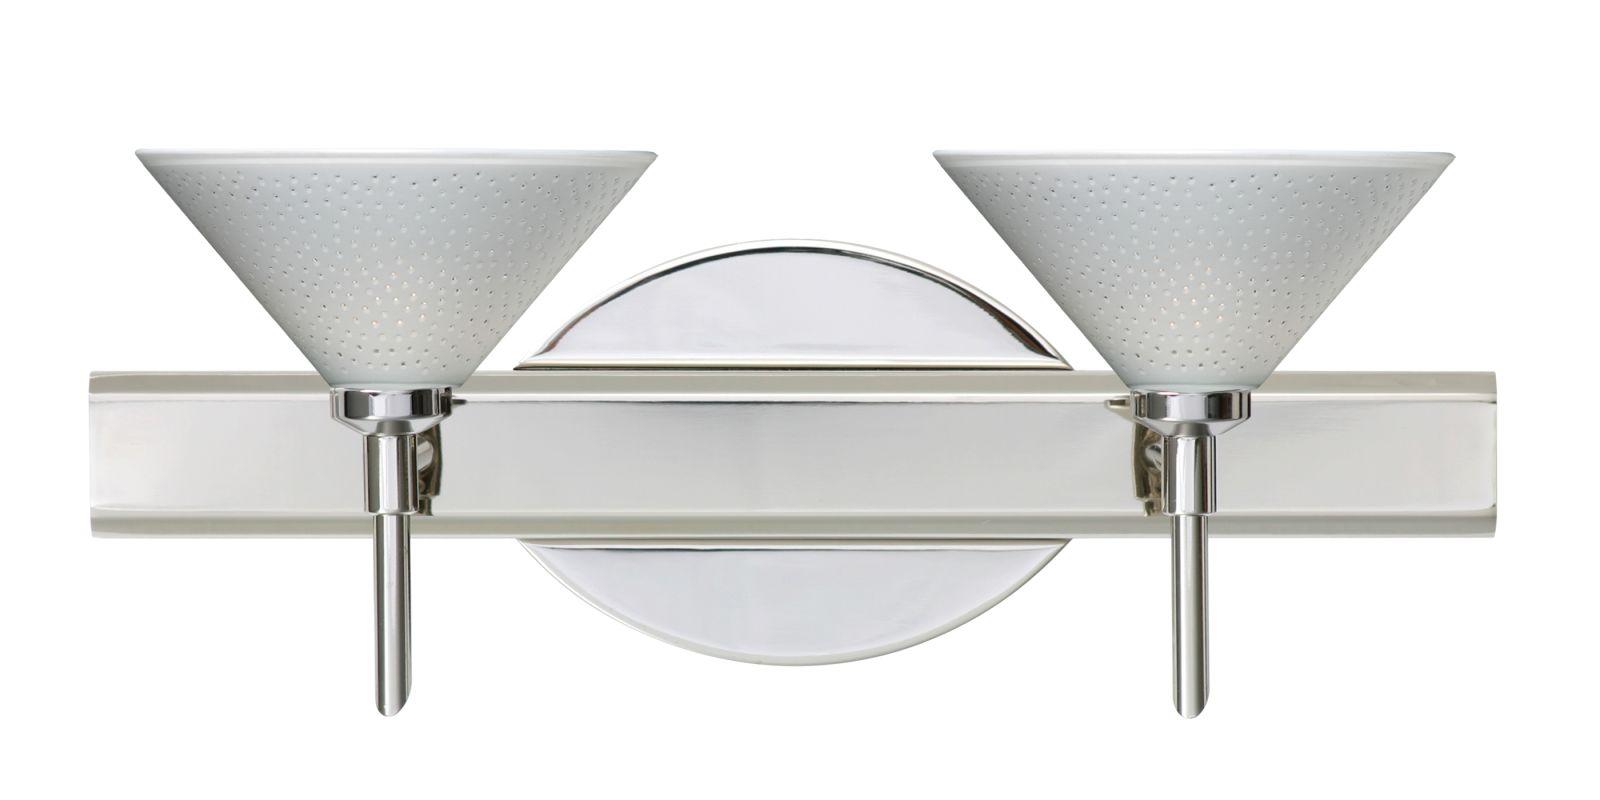 Besa Lighting 2SW-282453 Kona 2 Light Reversible Halogen Bathroom